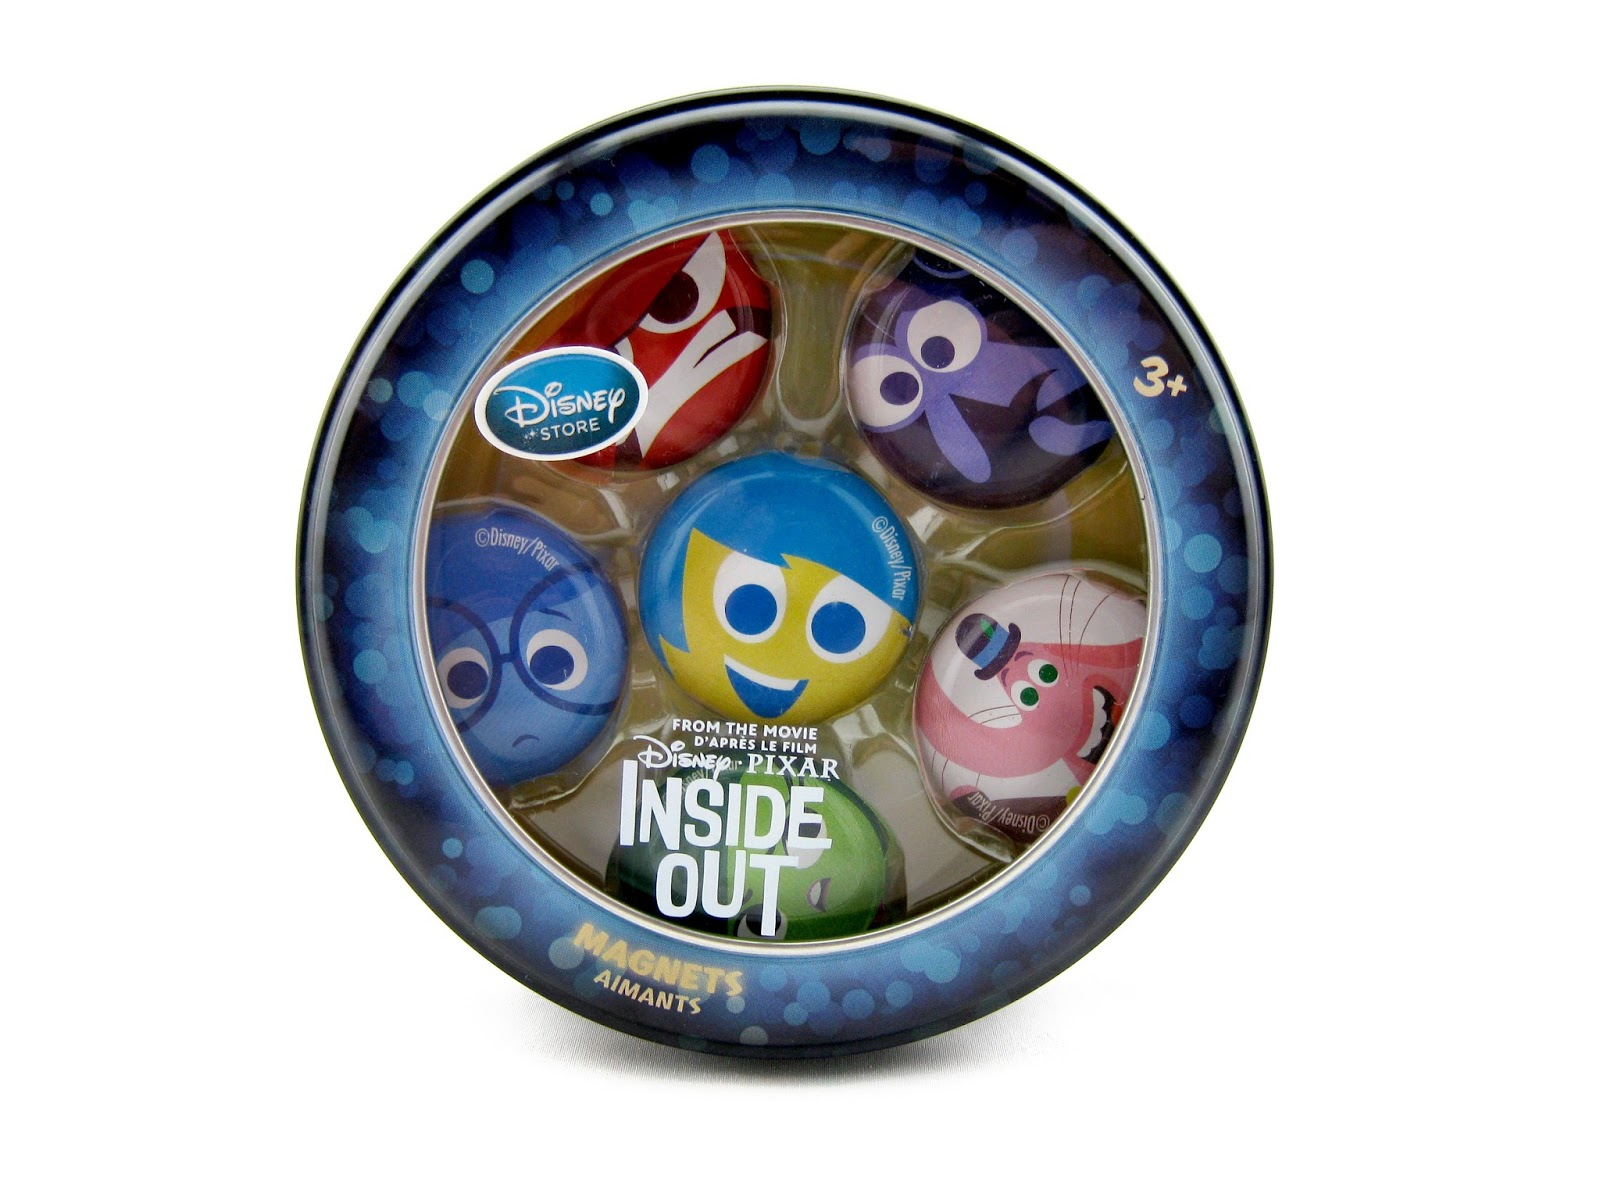 dan the pixar fan inside out disney store magnet set. Black Bedroom Furniture Sets. Home Design Ideas